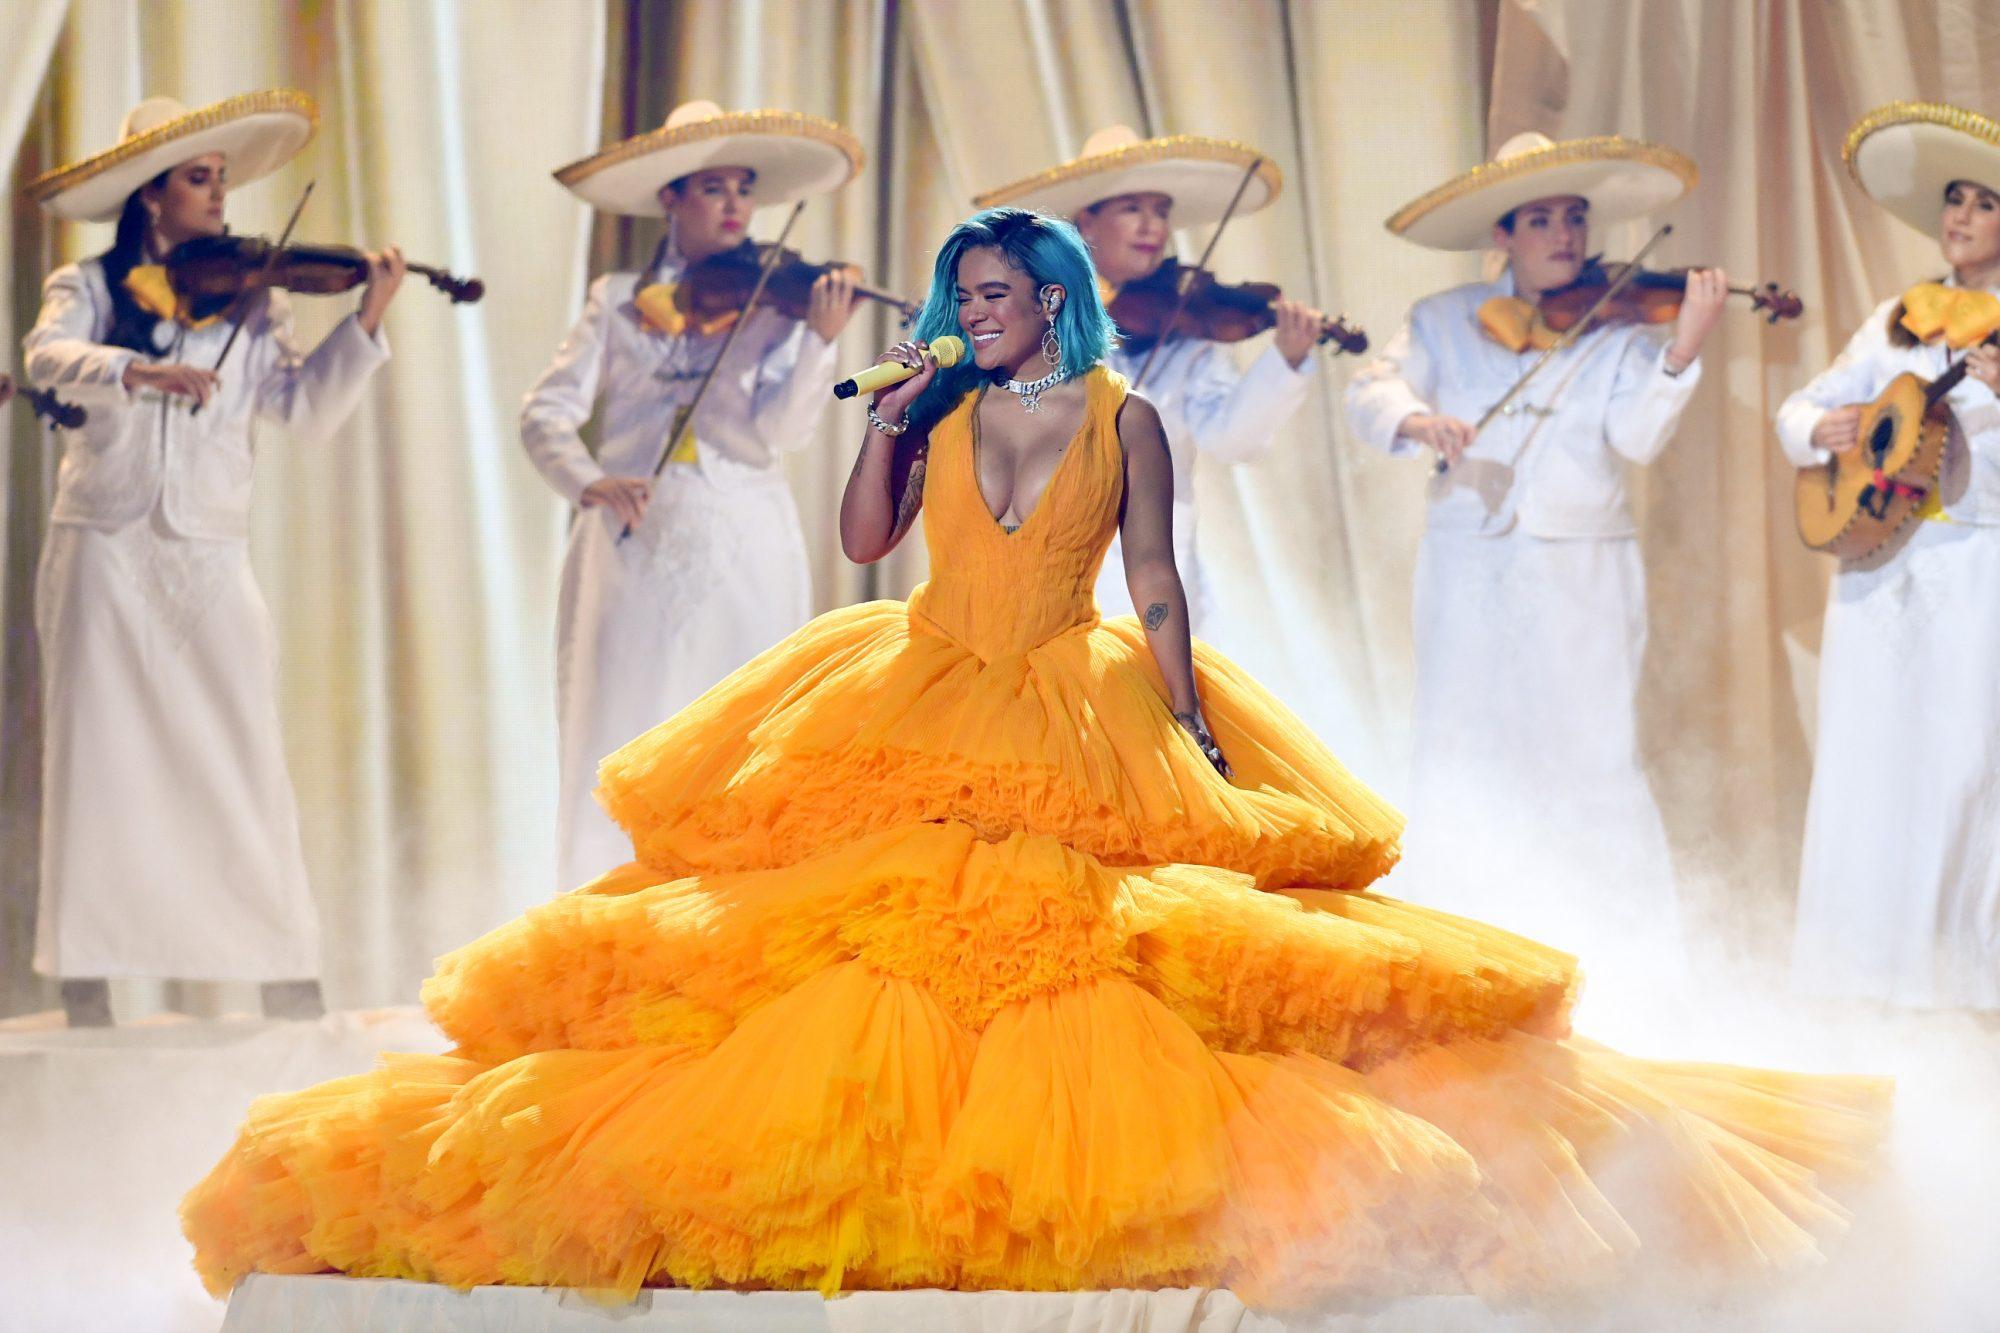 Karol G performs onstage at Premios Juventud 2021 at Watsco Center